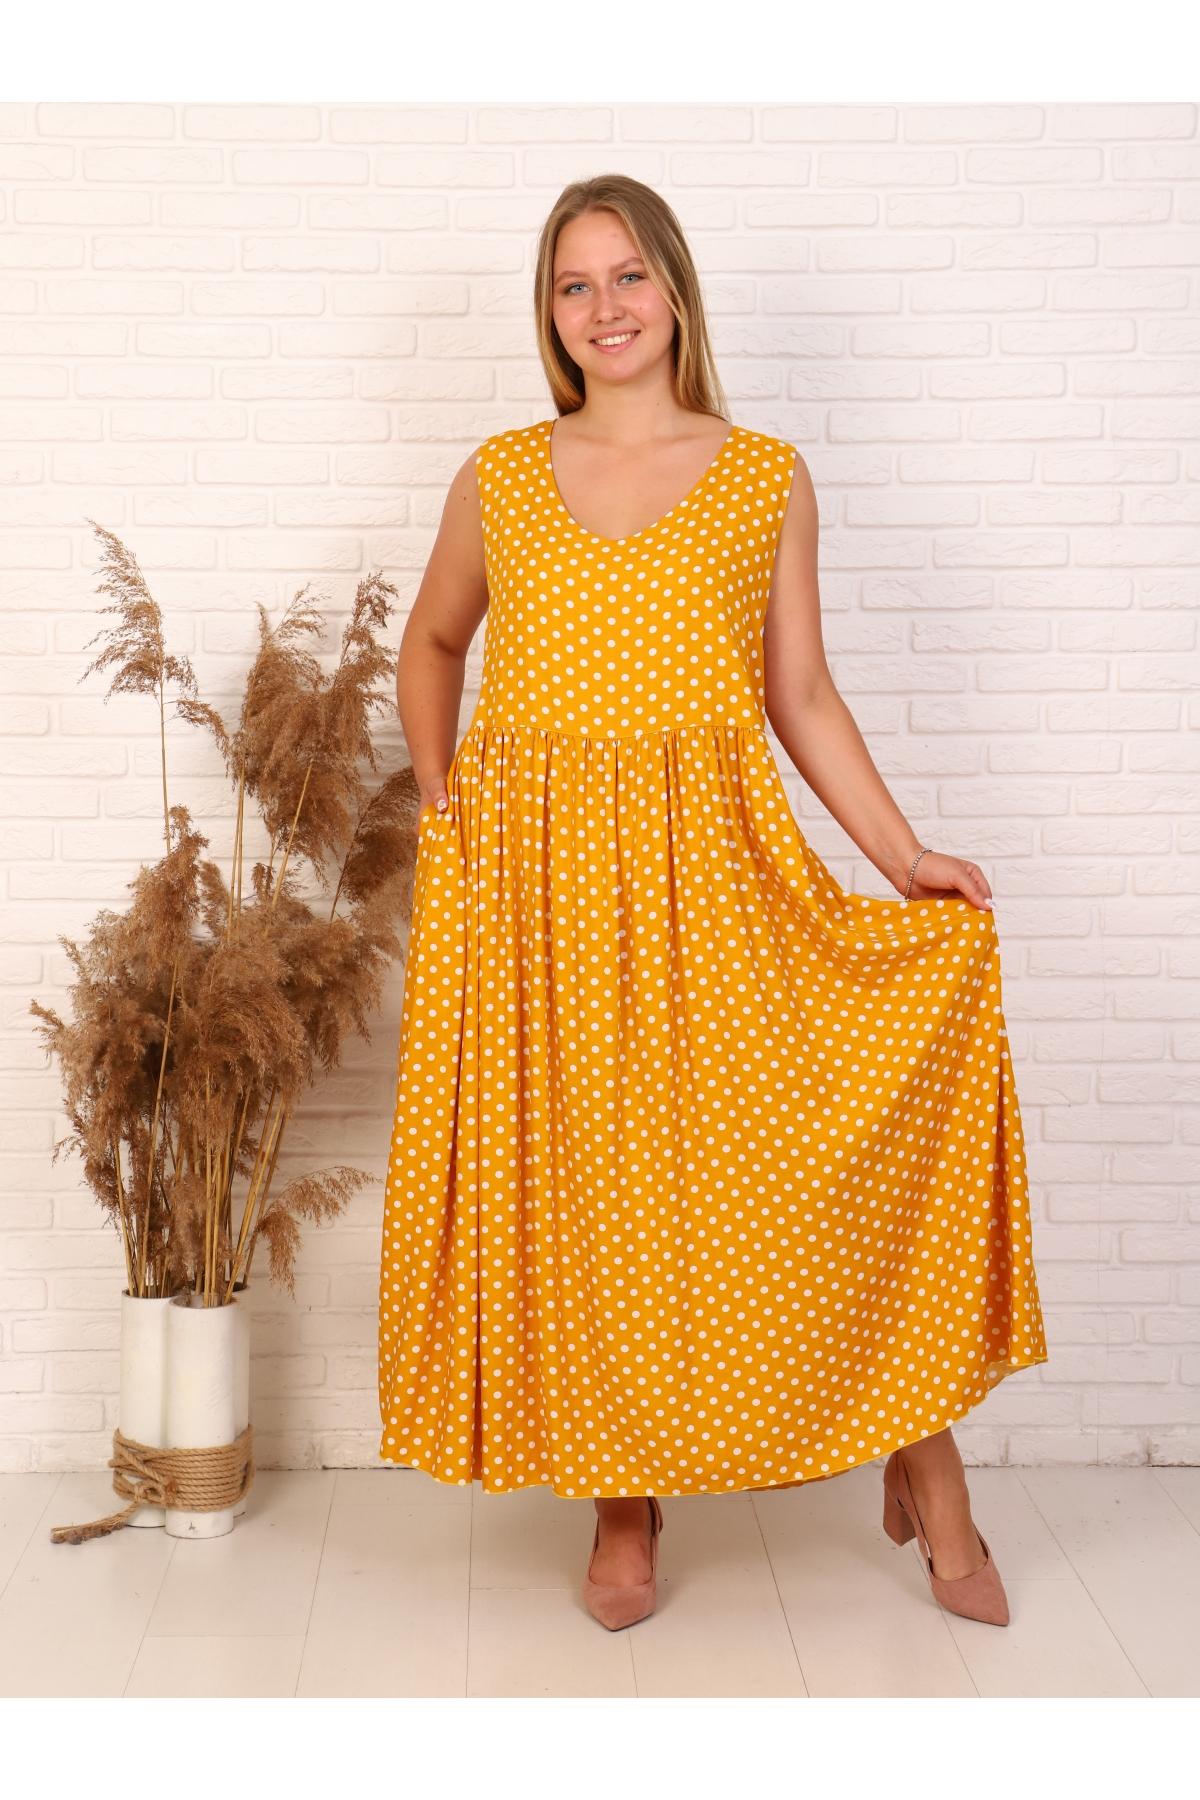 Сарафан цвет желтый, принт горох